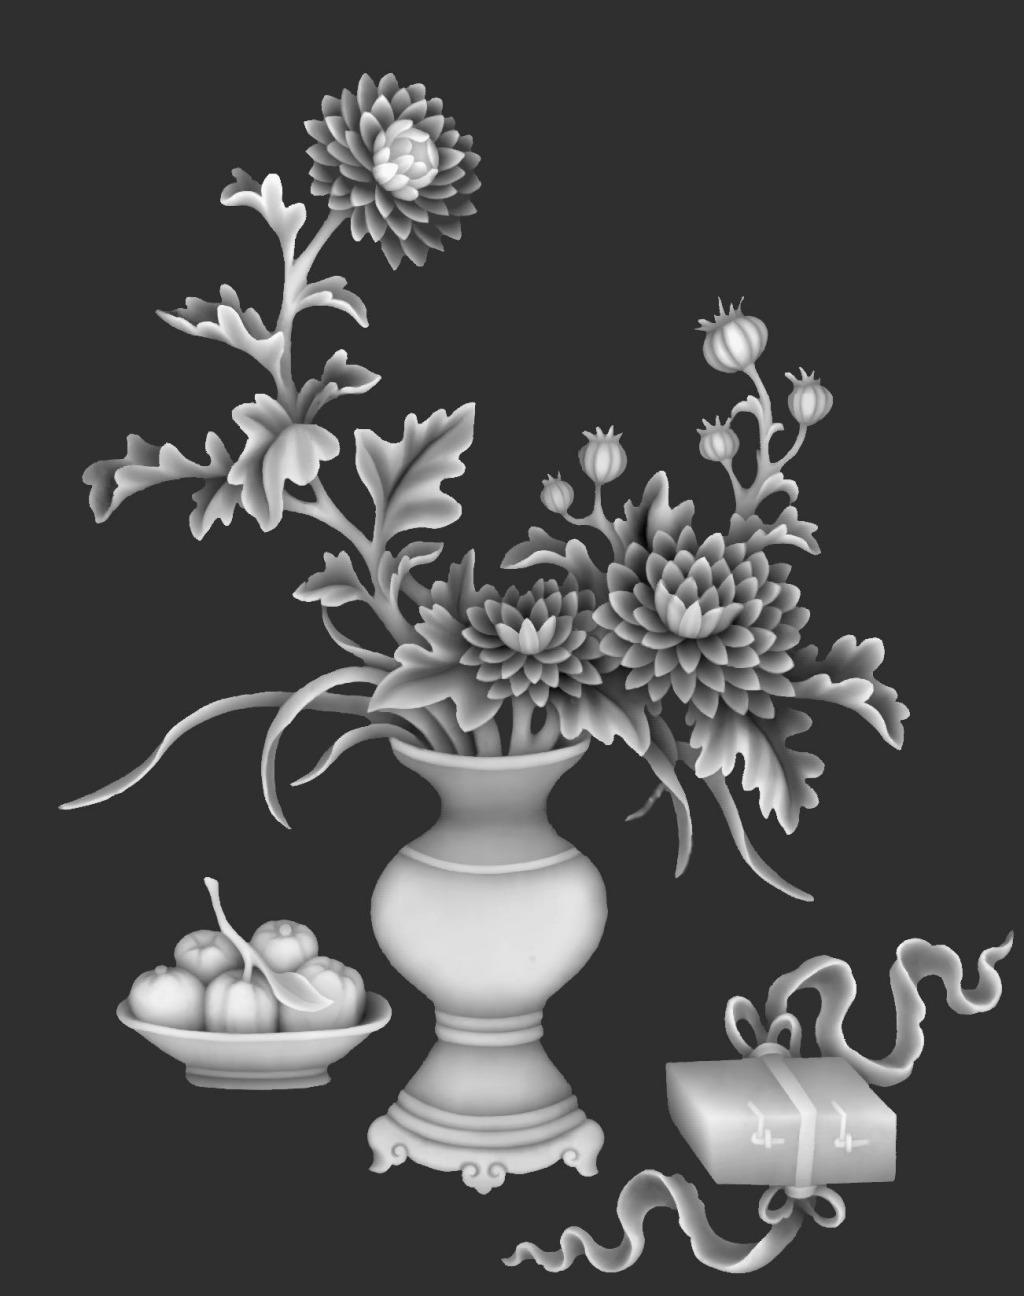 精雕图 菊花花瓶灰度图